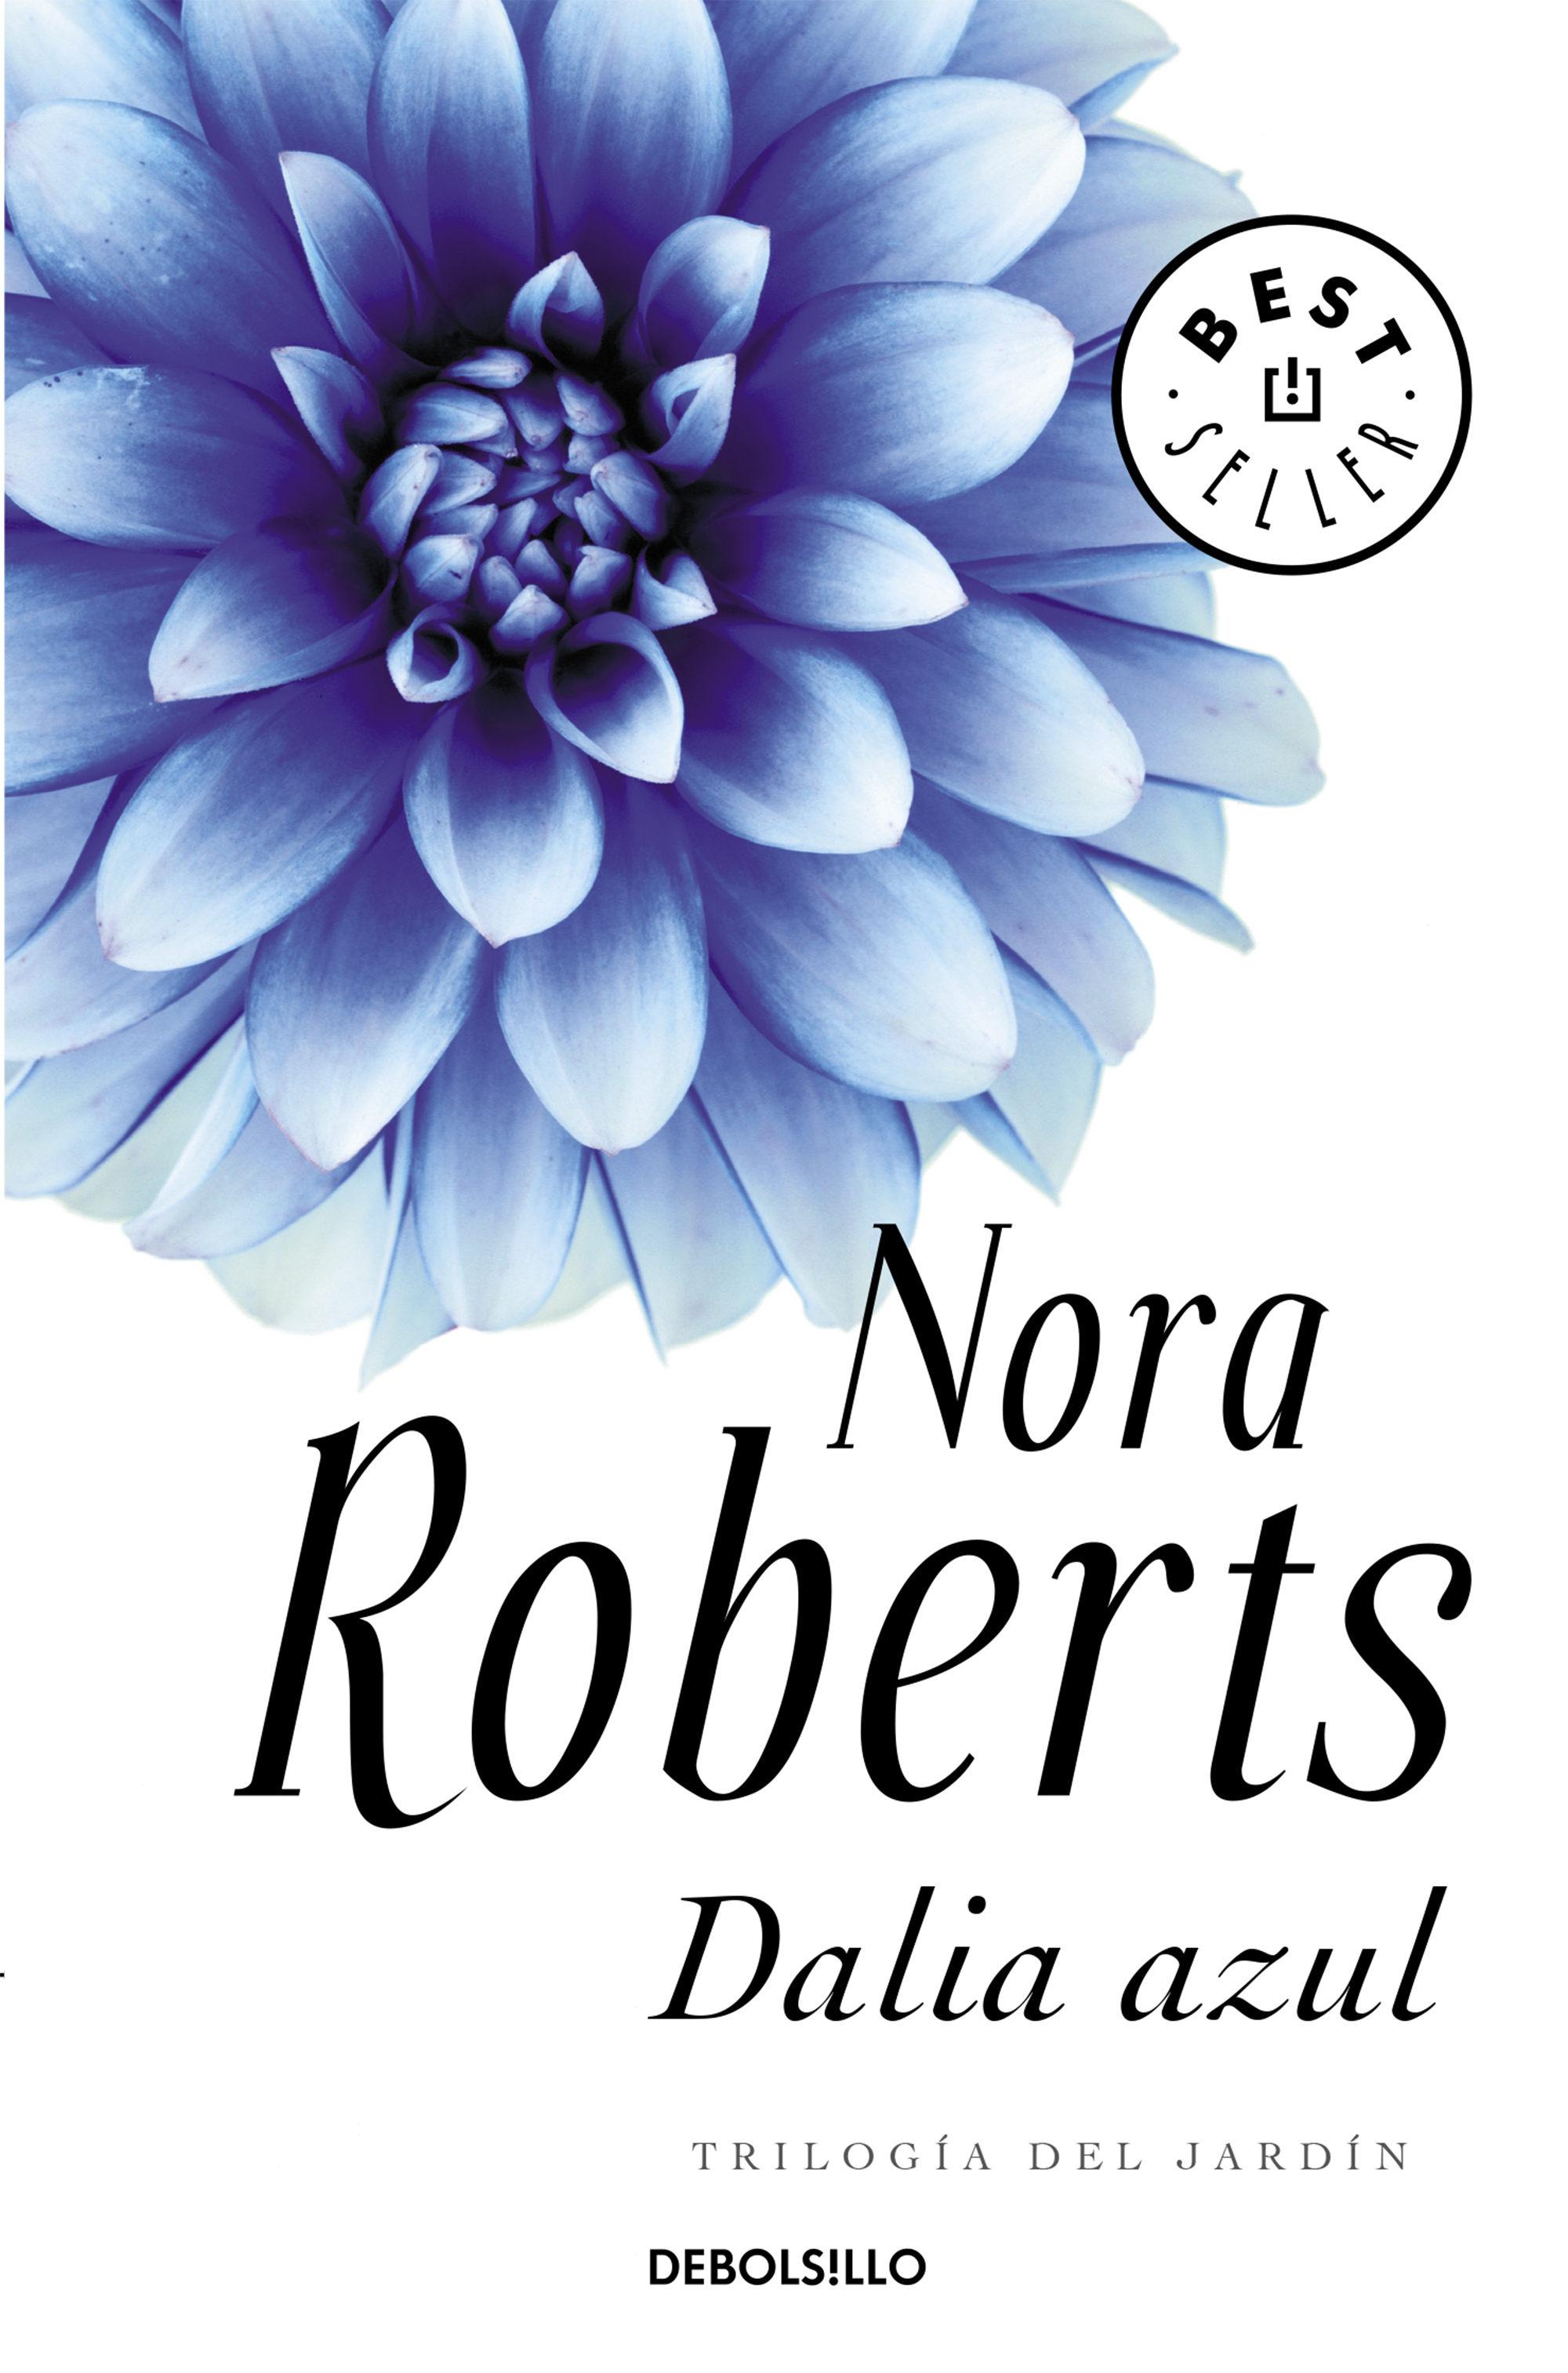 Resultado de imagen de trilogia del jardin nora roberts pdf